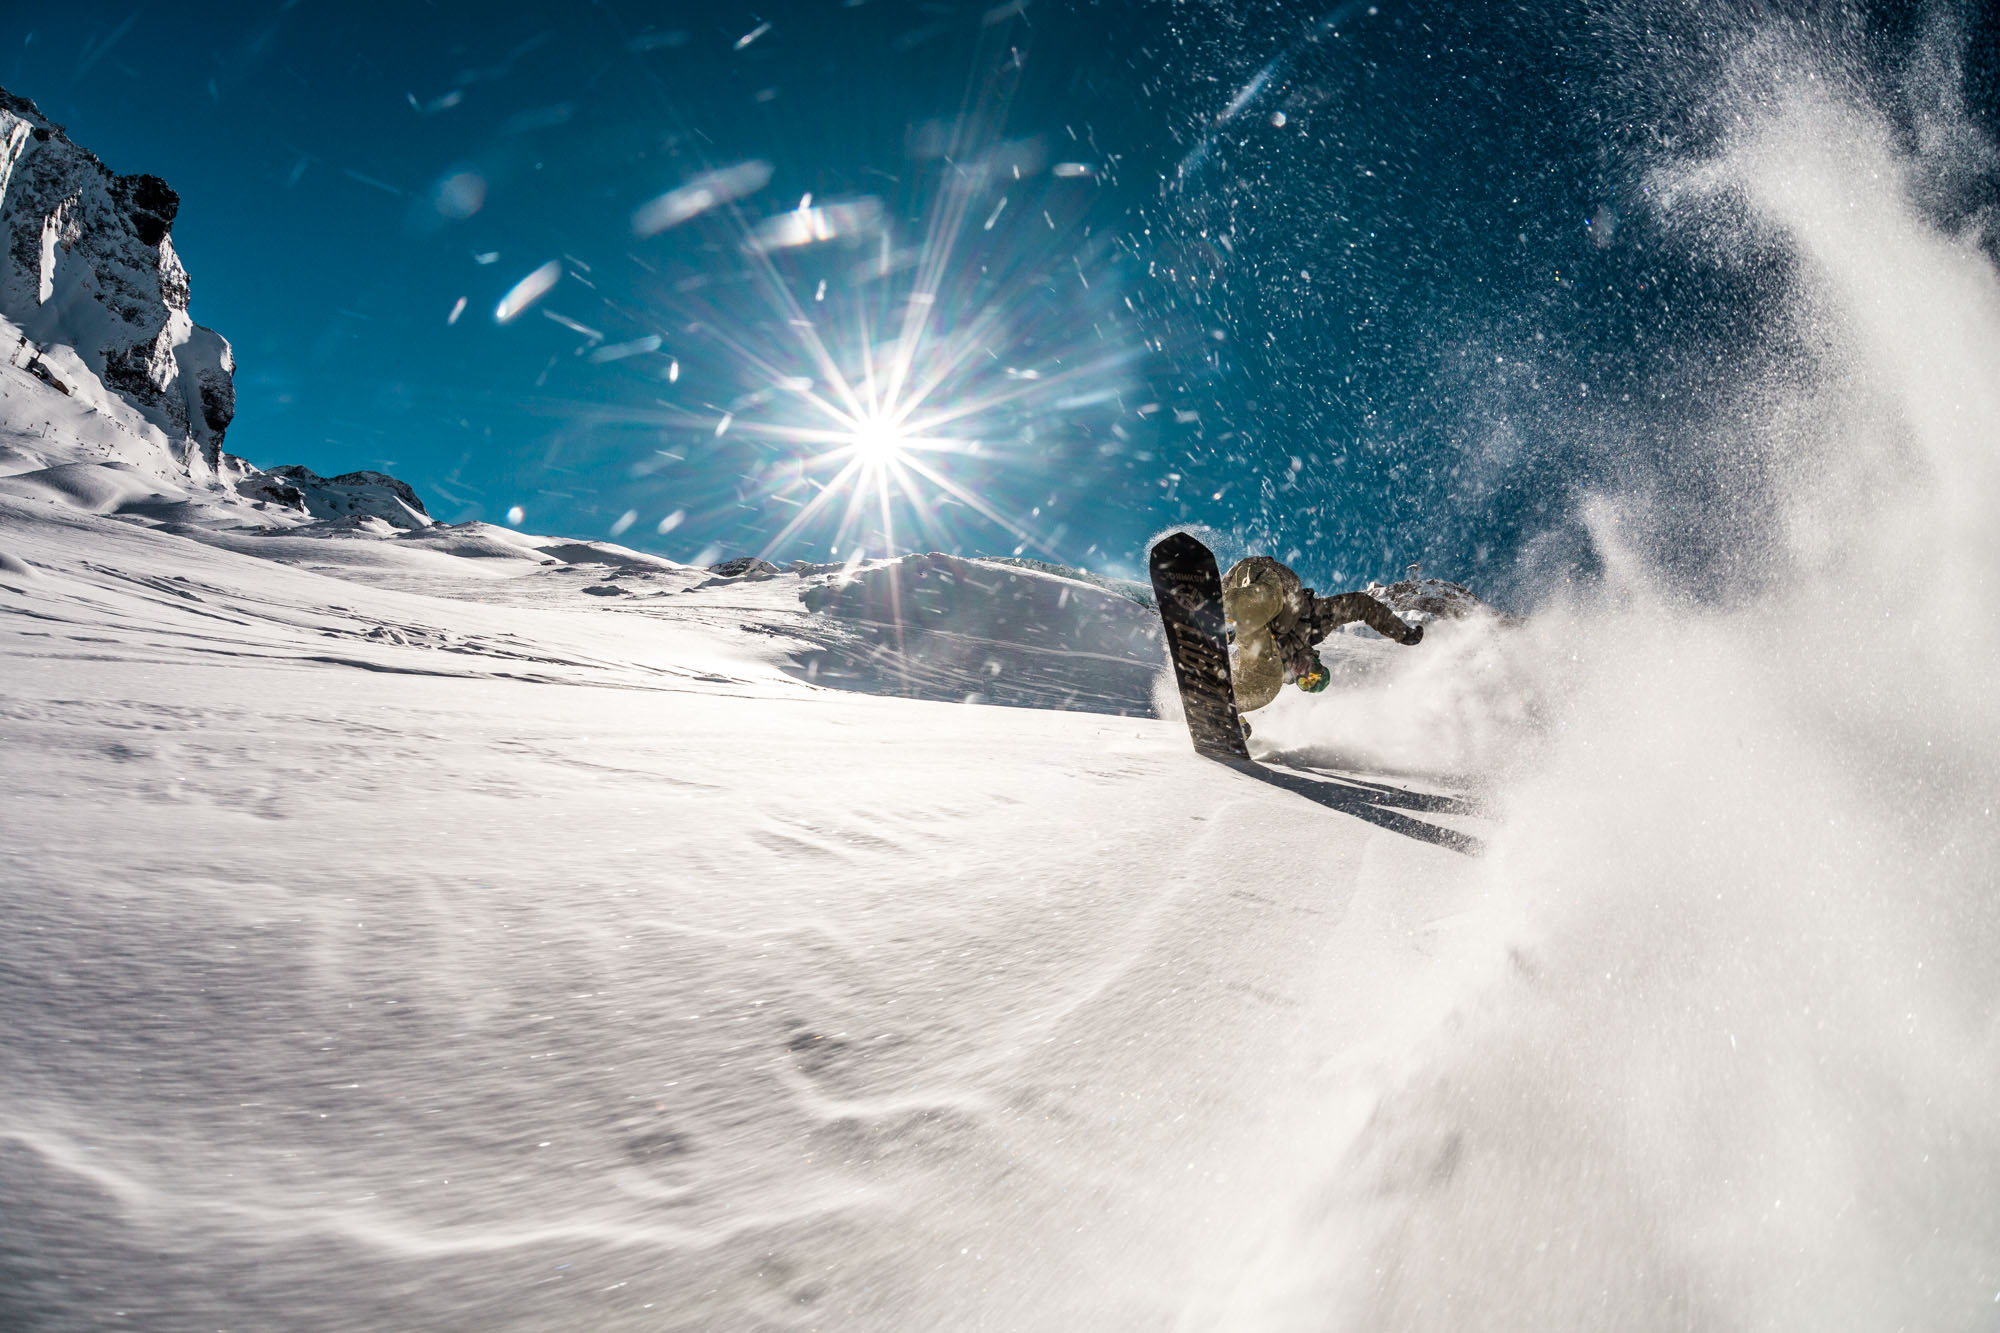 сноубордисты картинки на телефон удаётся совершать